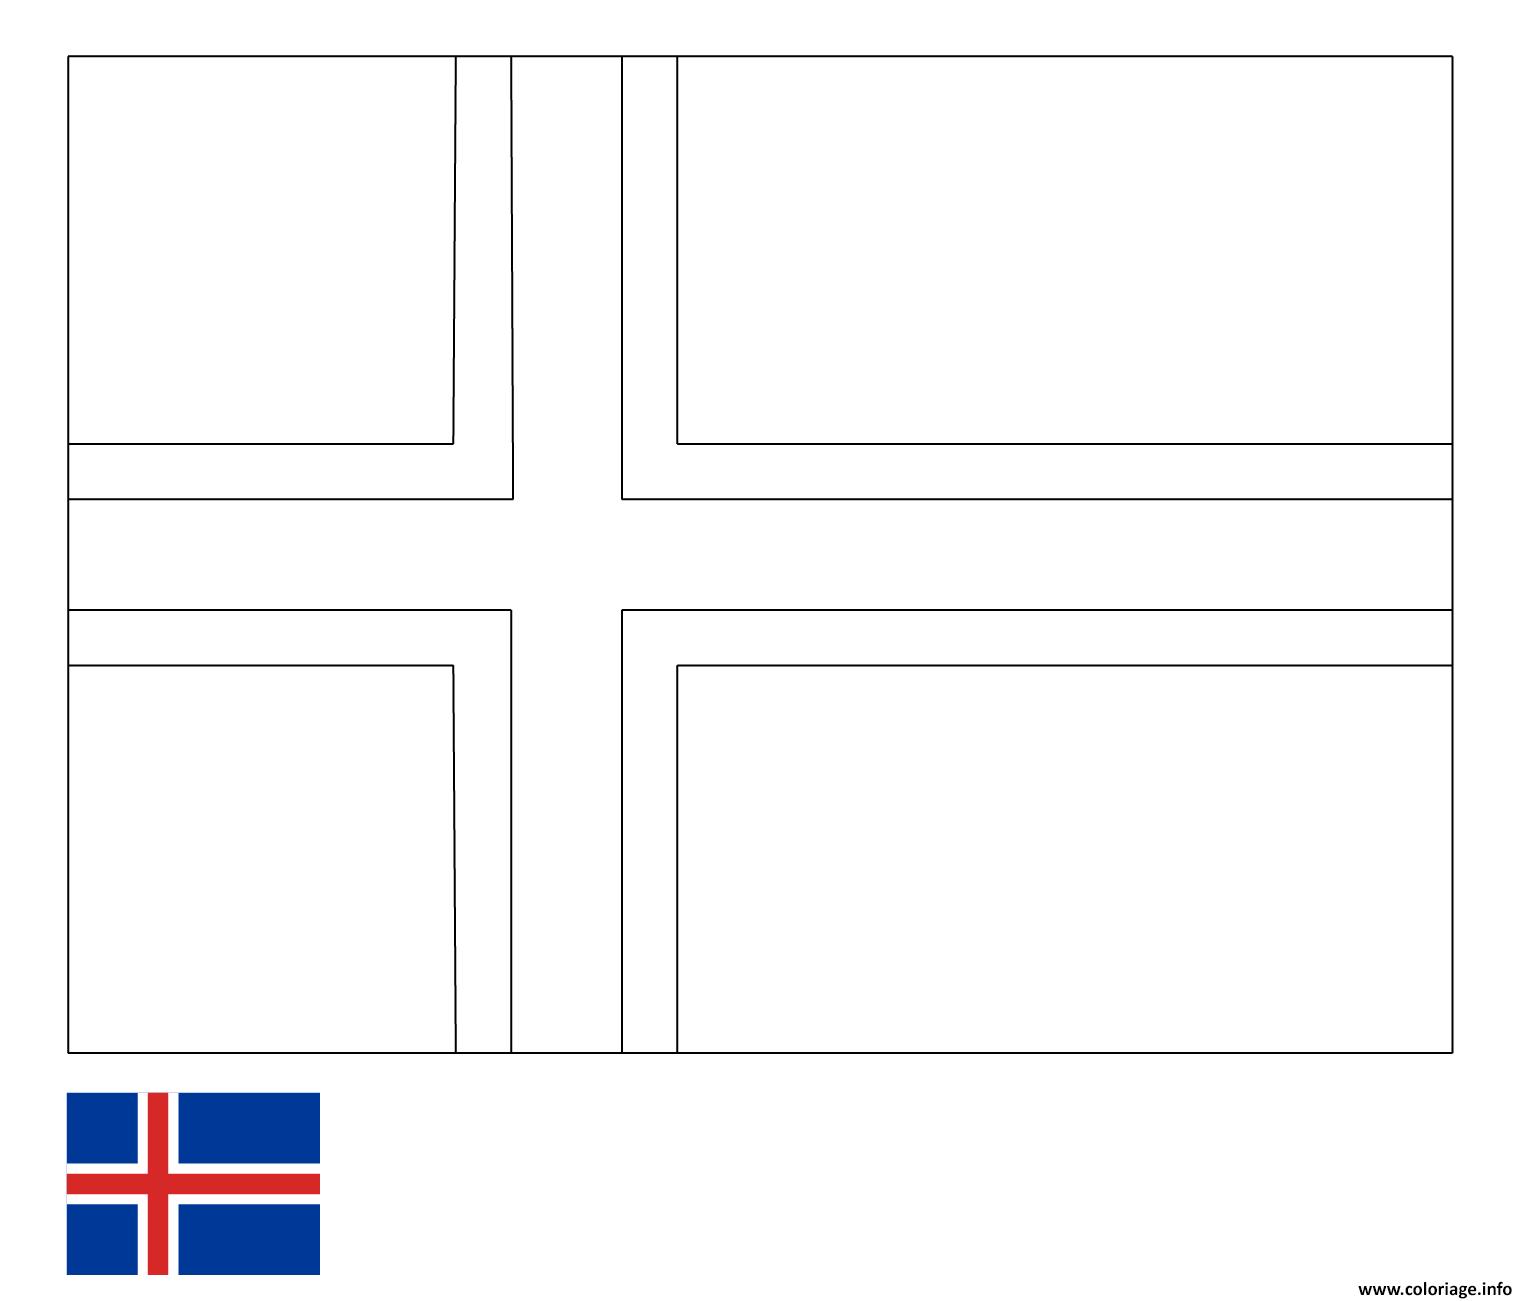 Dessin drapeau islande Coloriage Gratuit à Imprimer